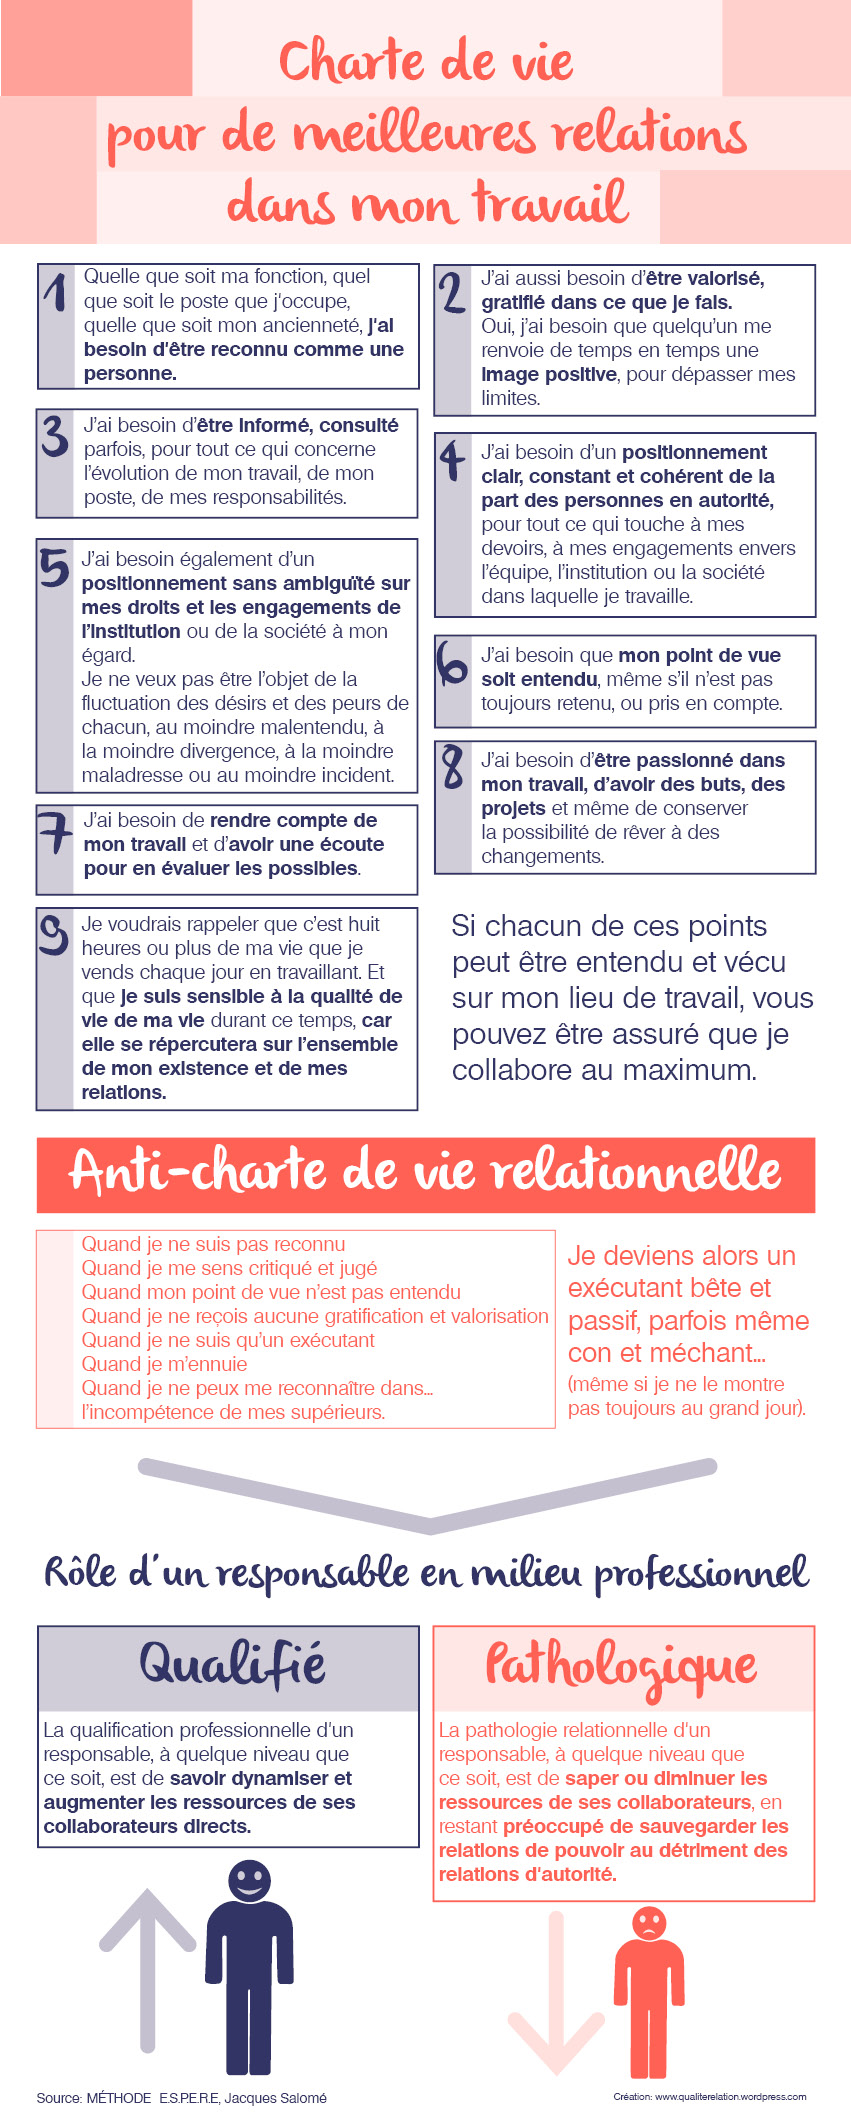 Charte de vie …. au travail - Qualité Relationnelle